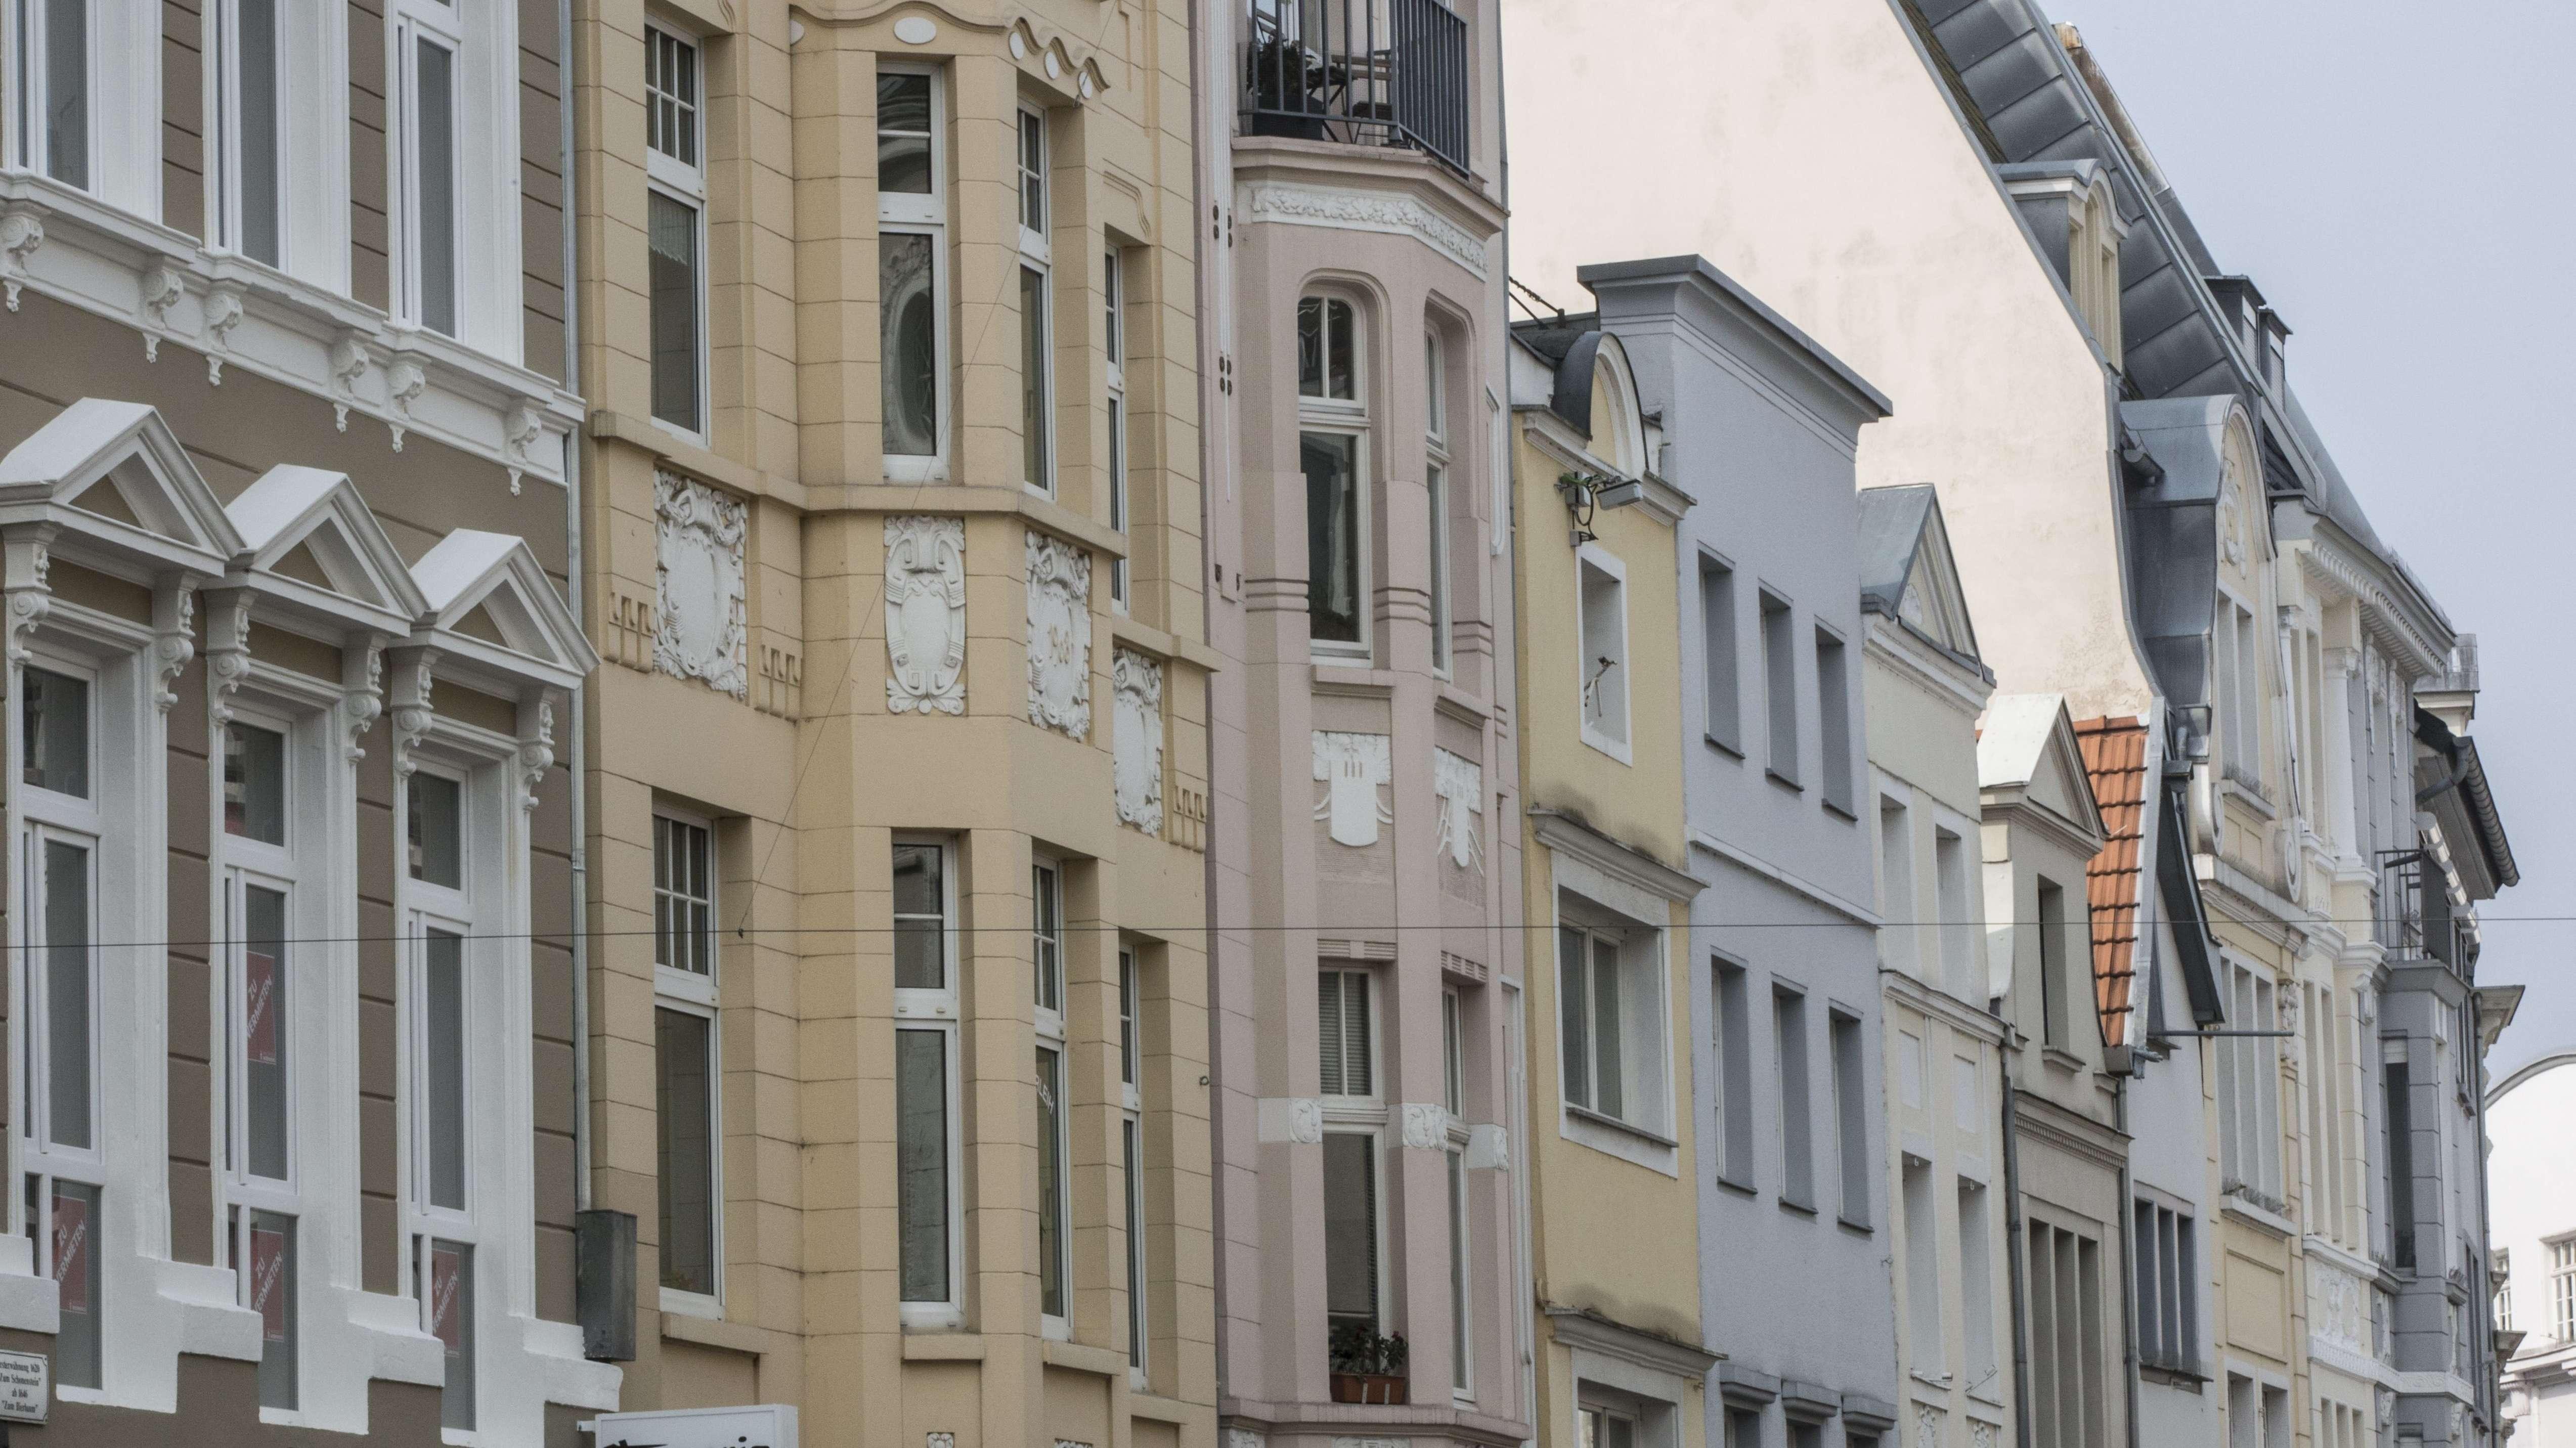 Eine Häuserzeile mit verschiedenen Wohnungen entlang einer Straße.